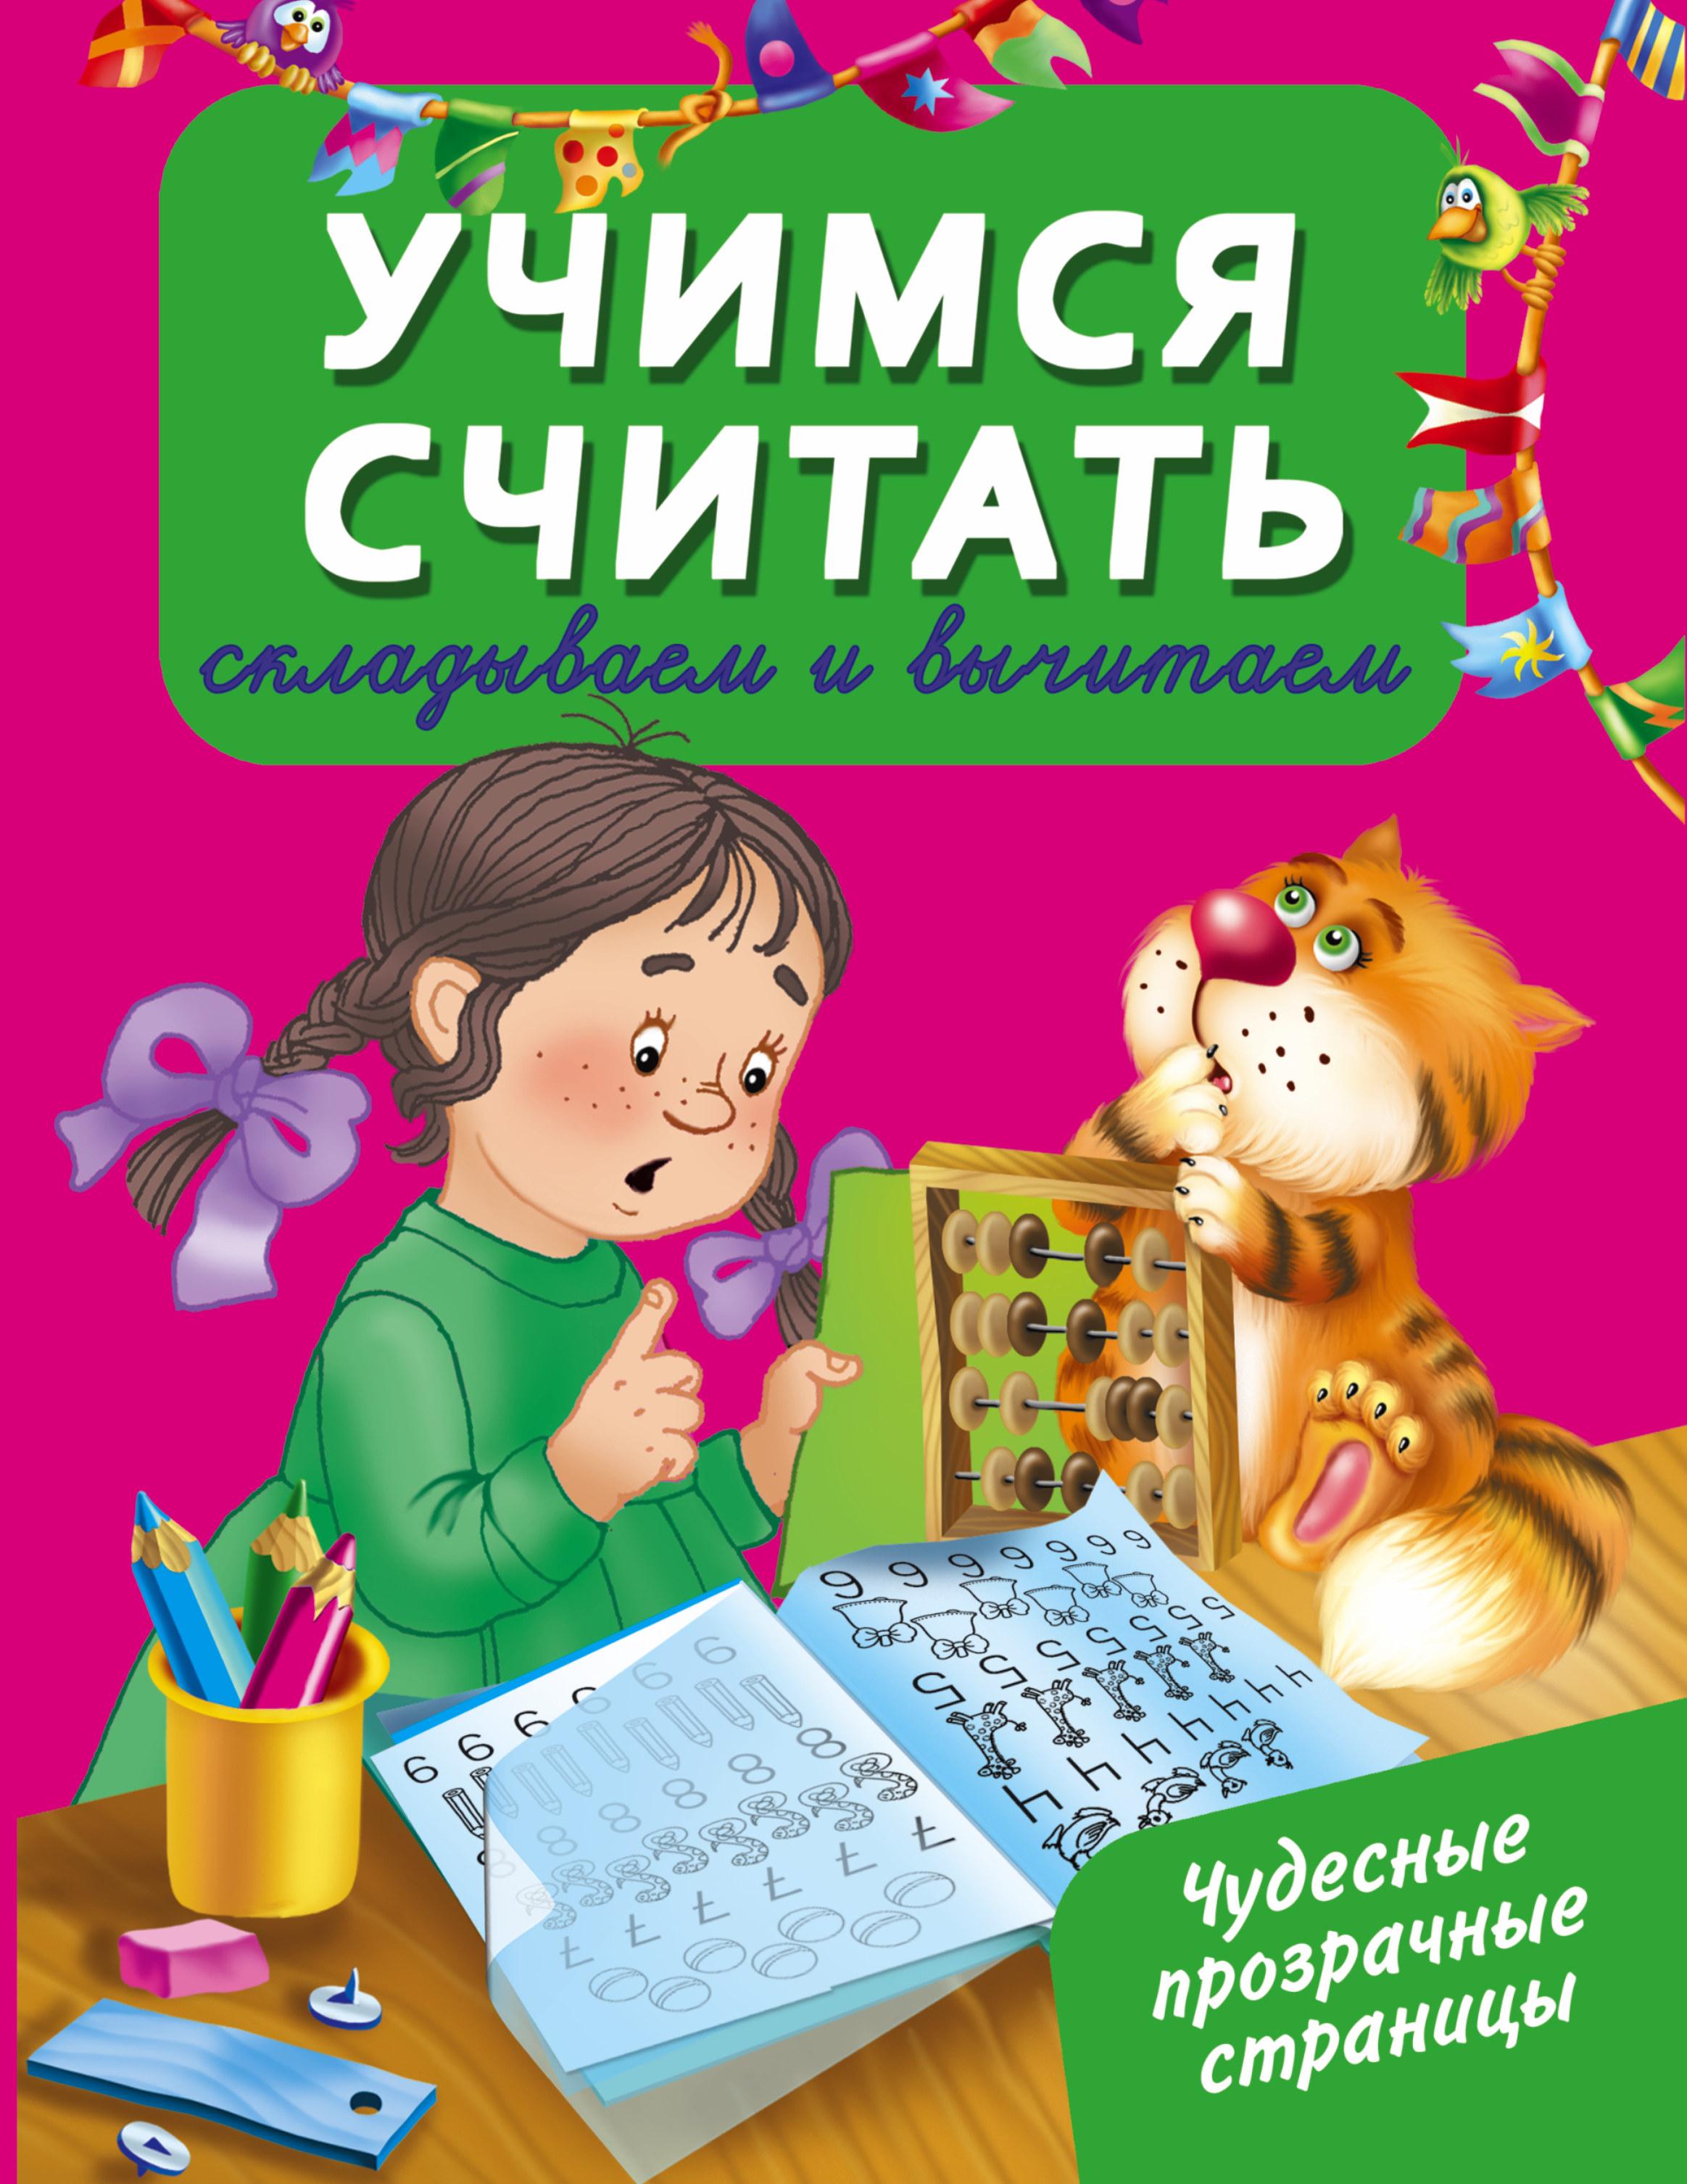 Тартаковская Зинаида  Давыдовна Учимся считать. Складываем и вычитаем